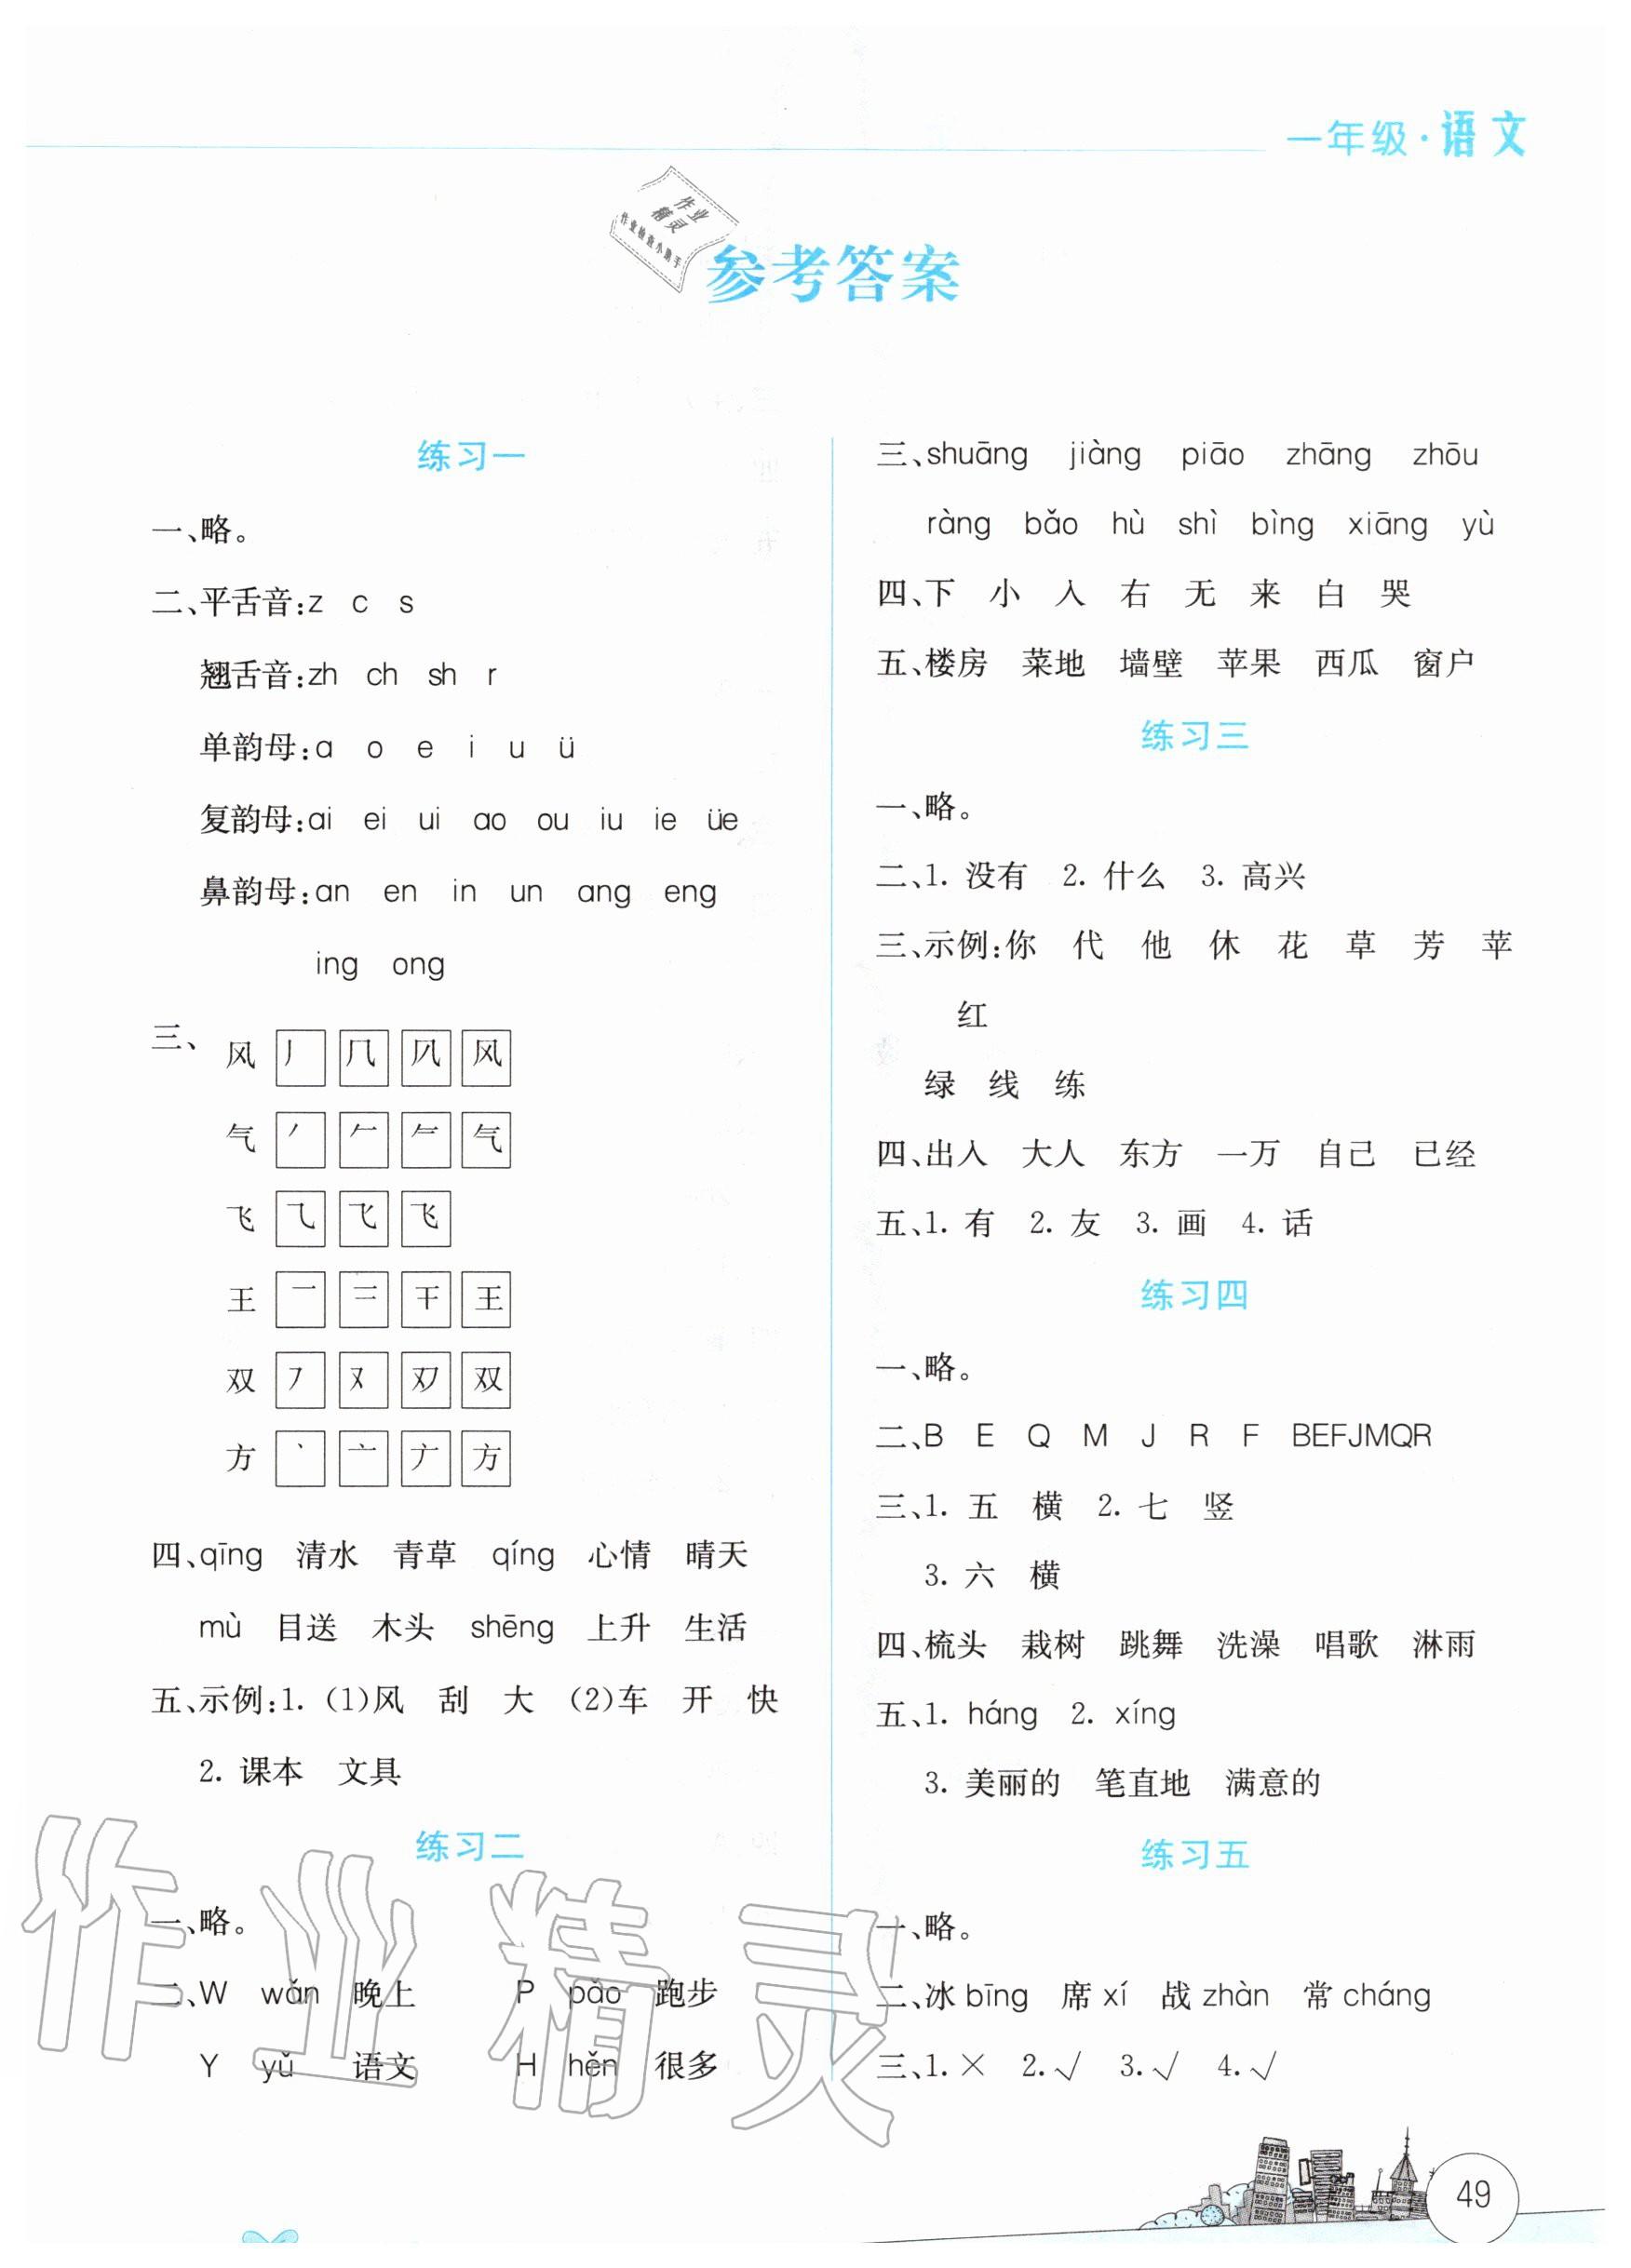 2020年暑假活动边学边玩一年级语文云南大学出版社第1页